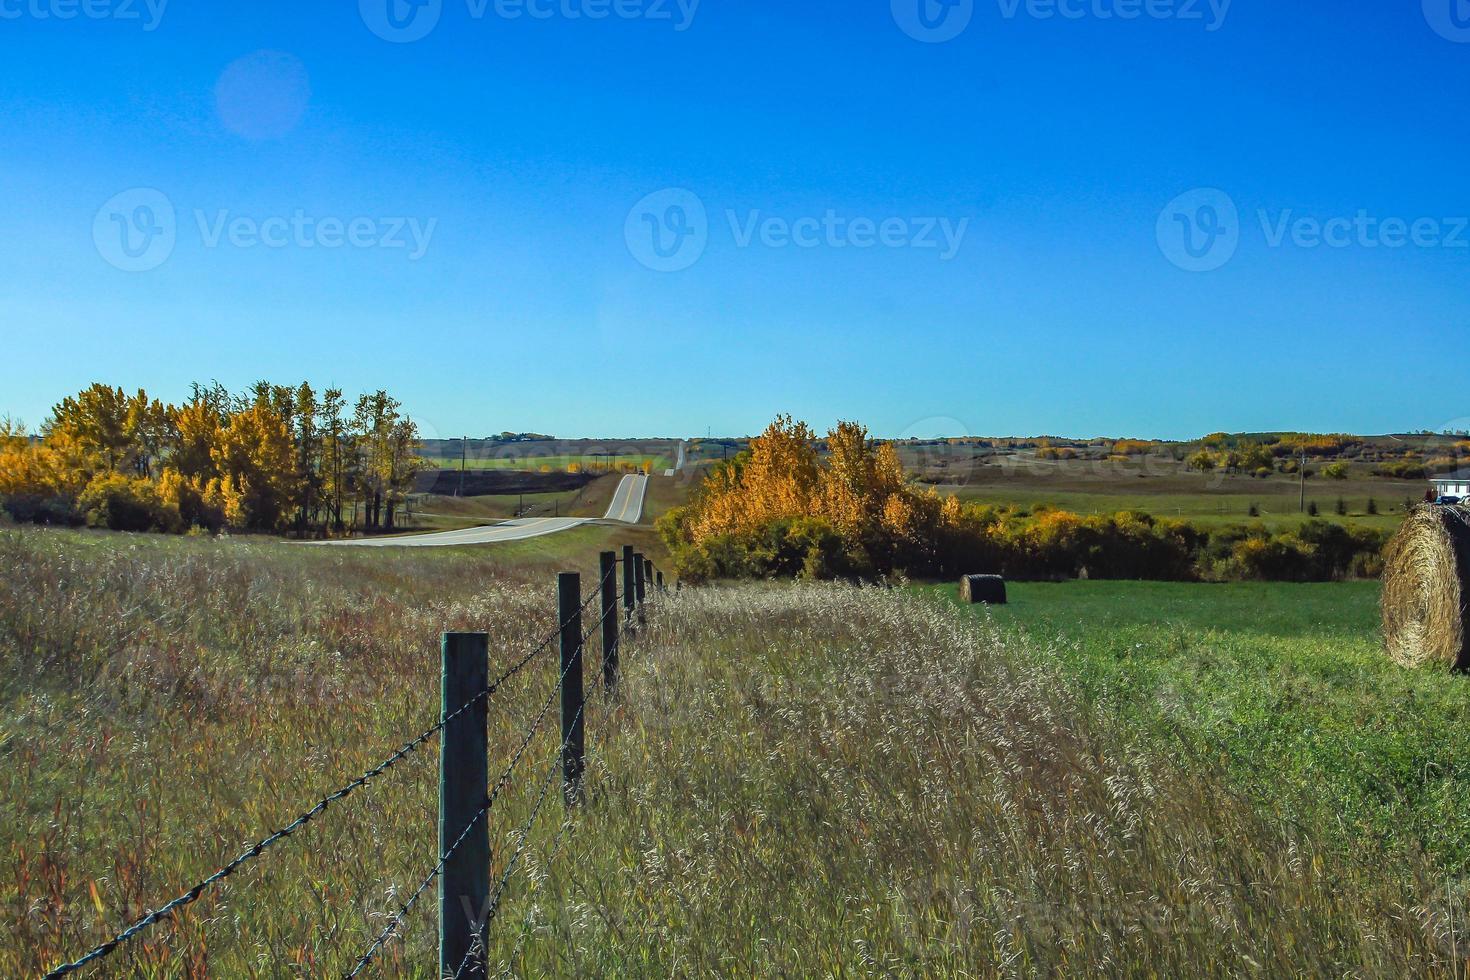 couleurs d'automne et balles de foin photo